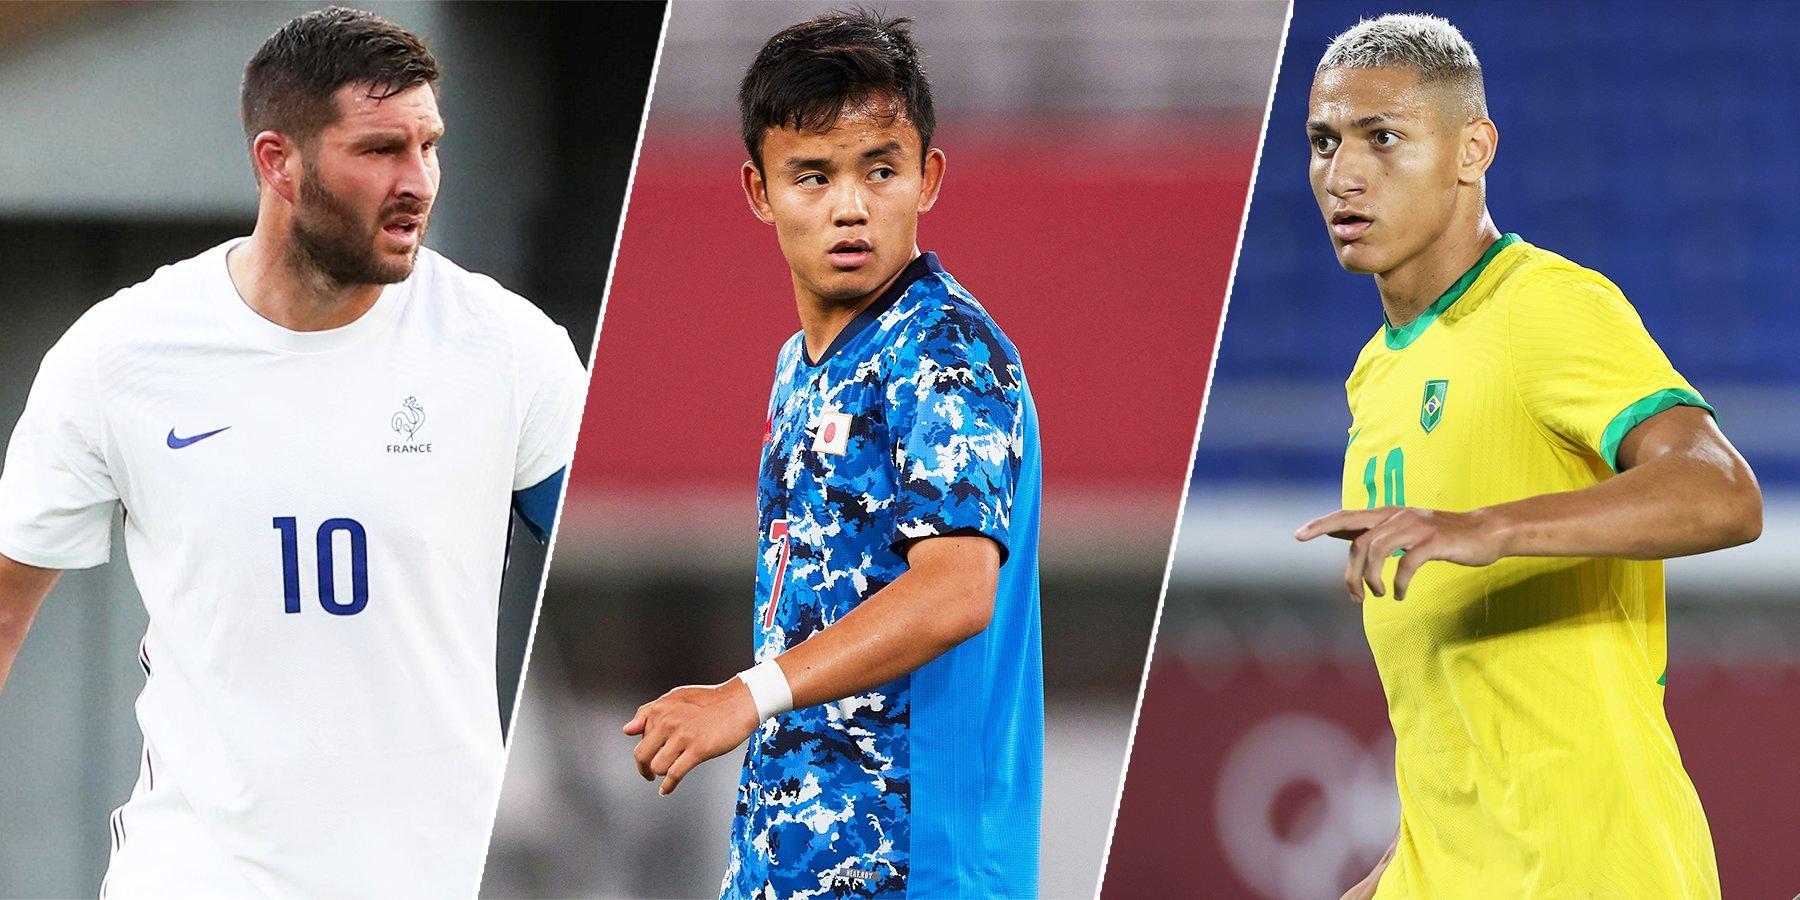 Европейское проклятье, азиатское чудо, бразильская мощь… Футбольные открытия Олимпиады